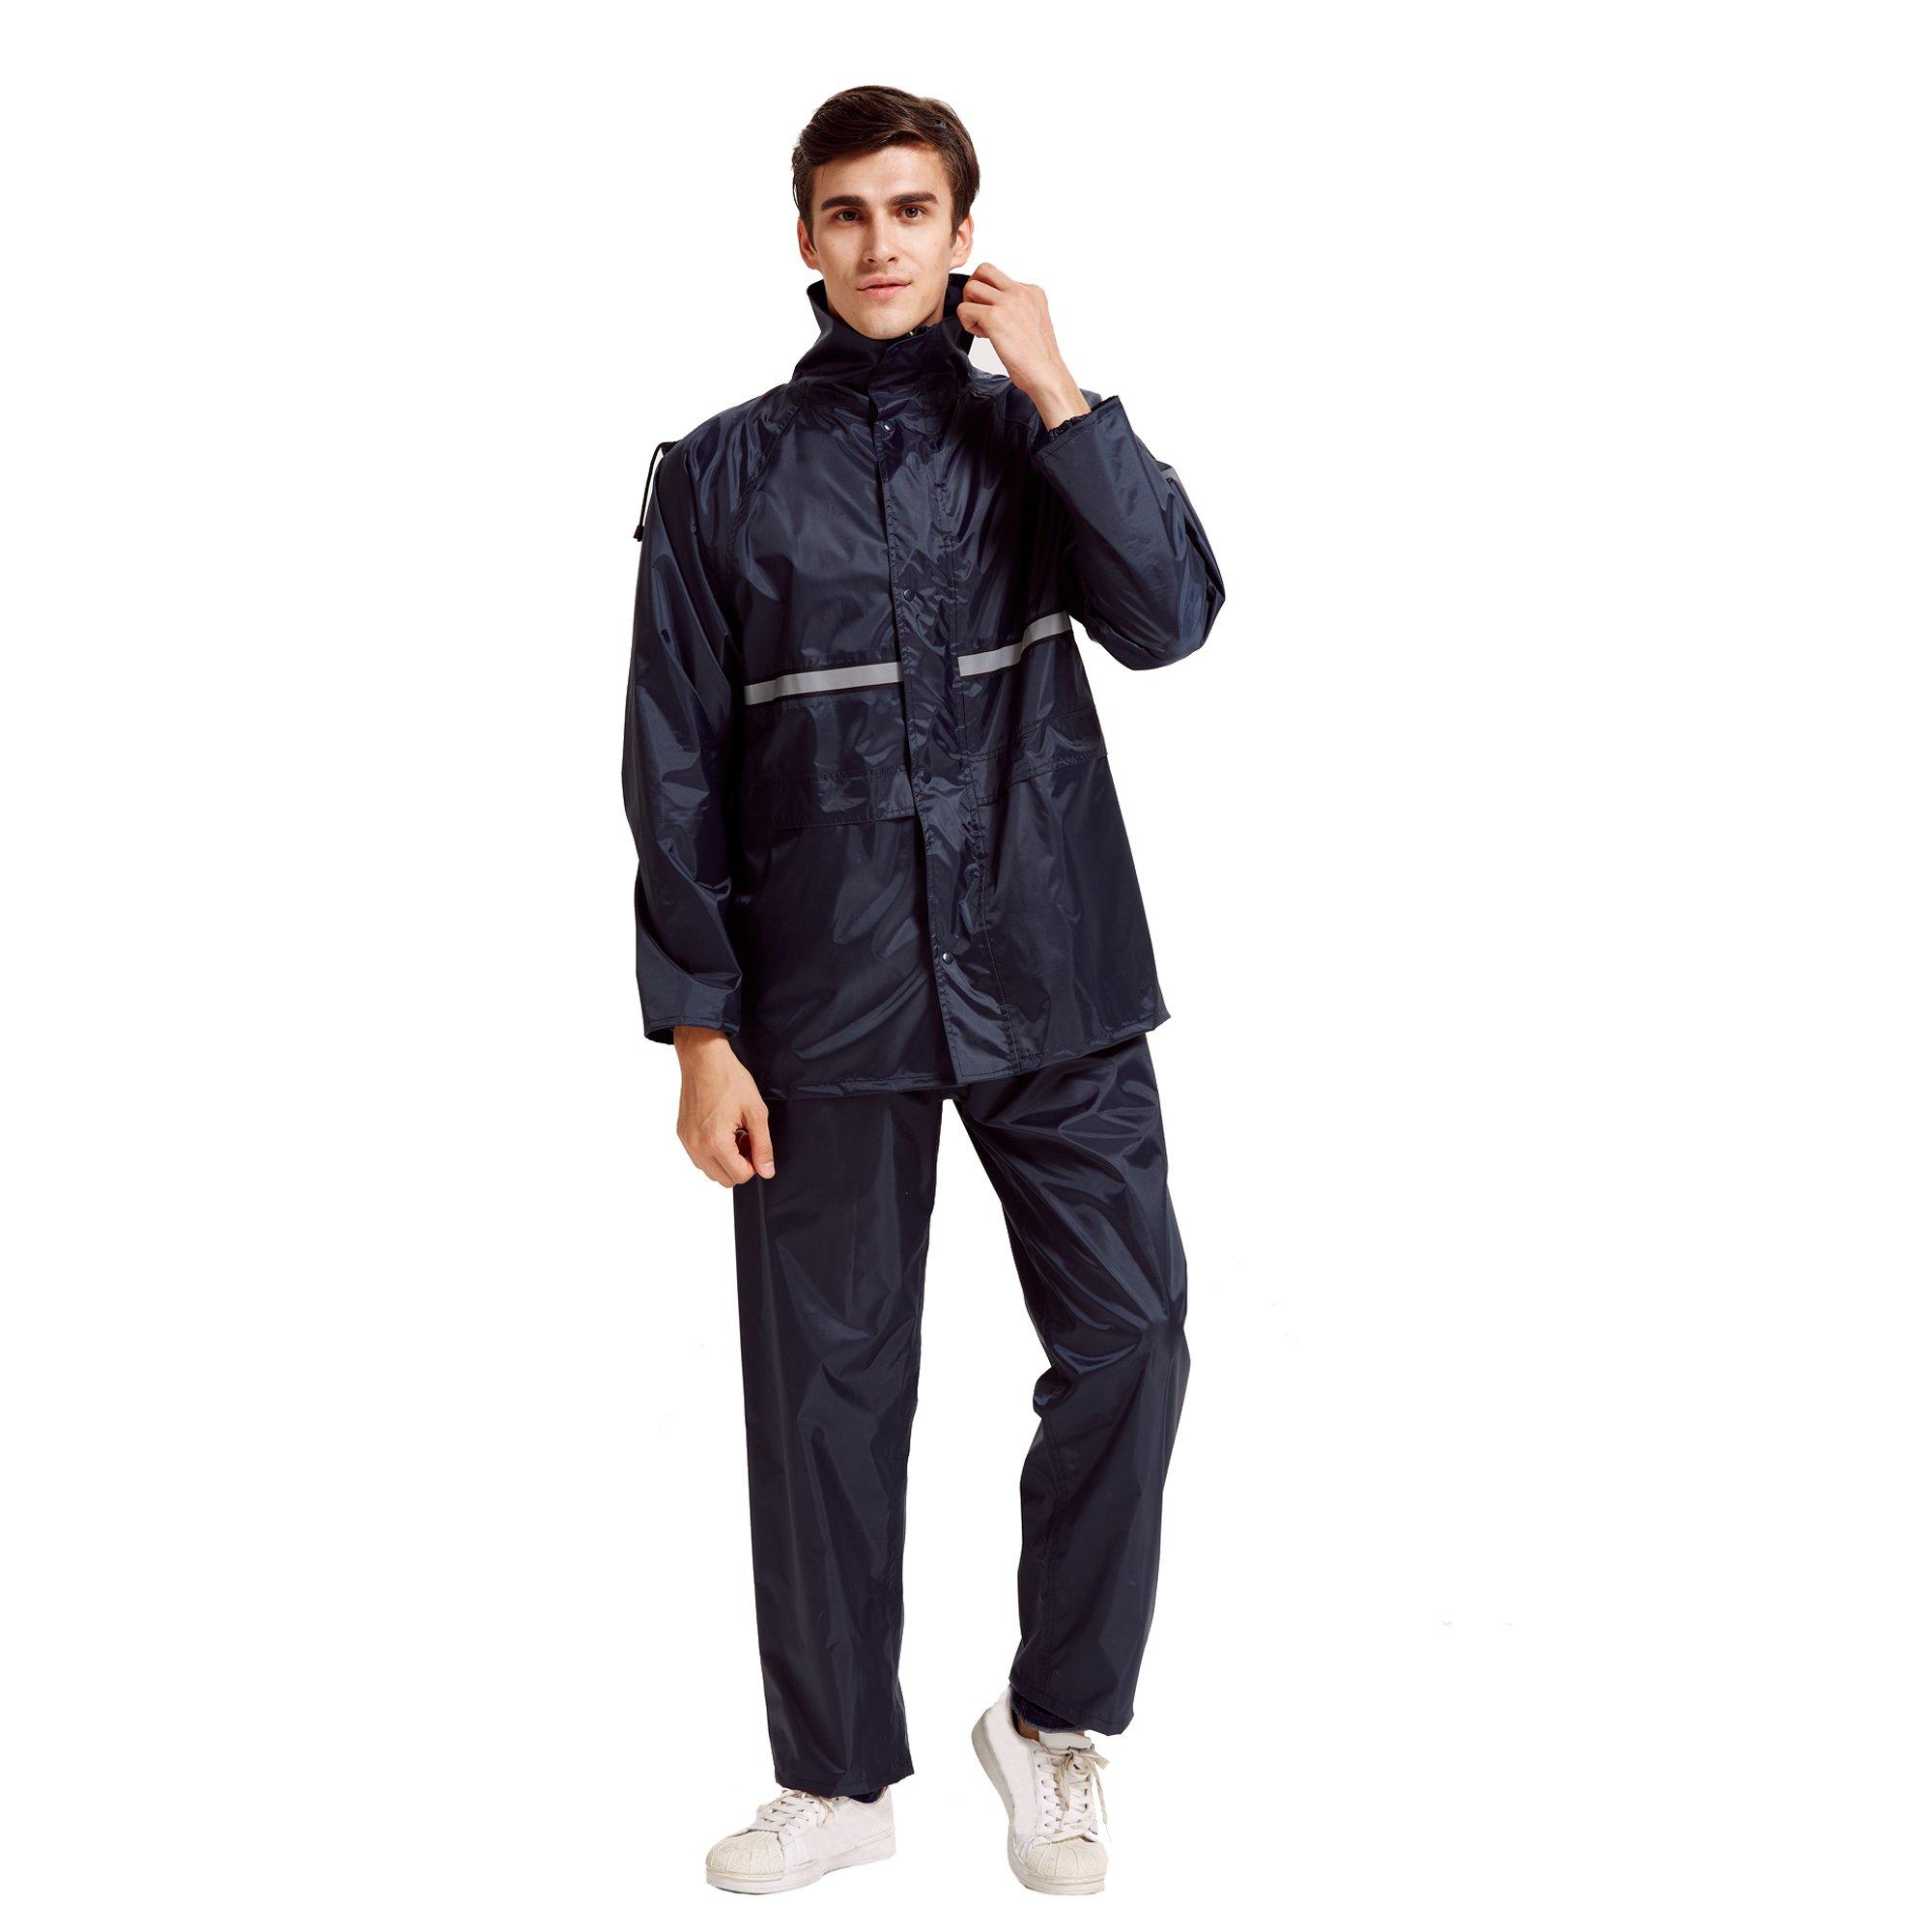 Peacoco Motorcycle Rain Suit for Men & Women Waterproof Hooded Rainwear Jacket & Trouser Suit (XXXL, New Navy Blue)